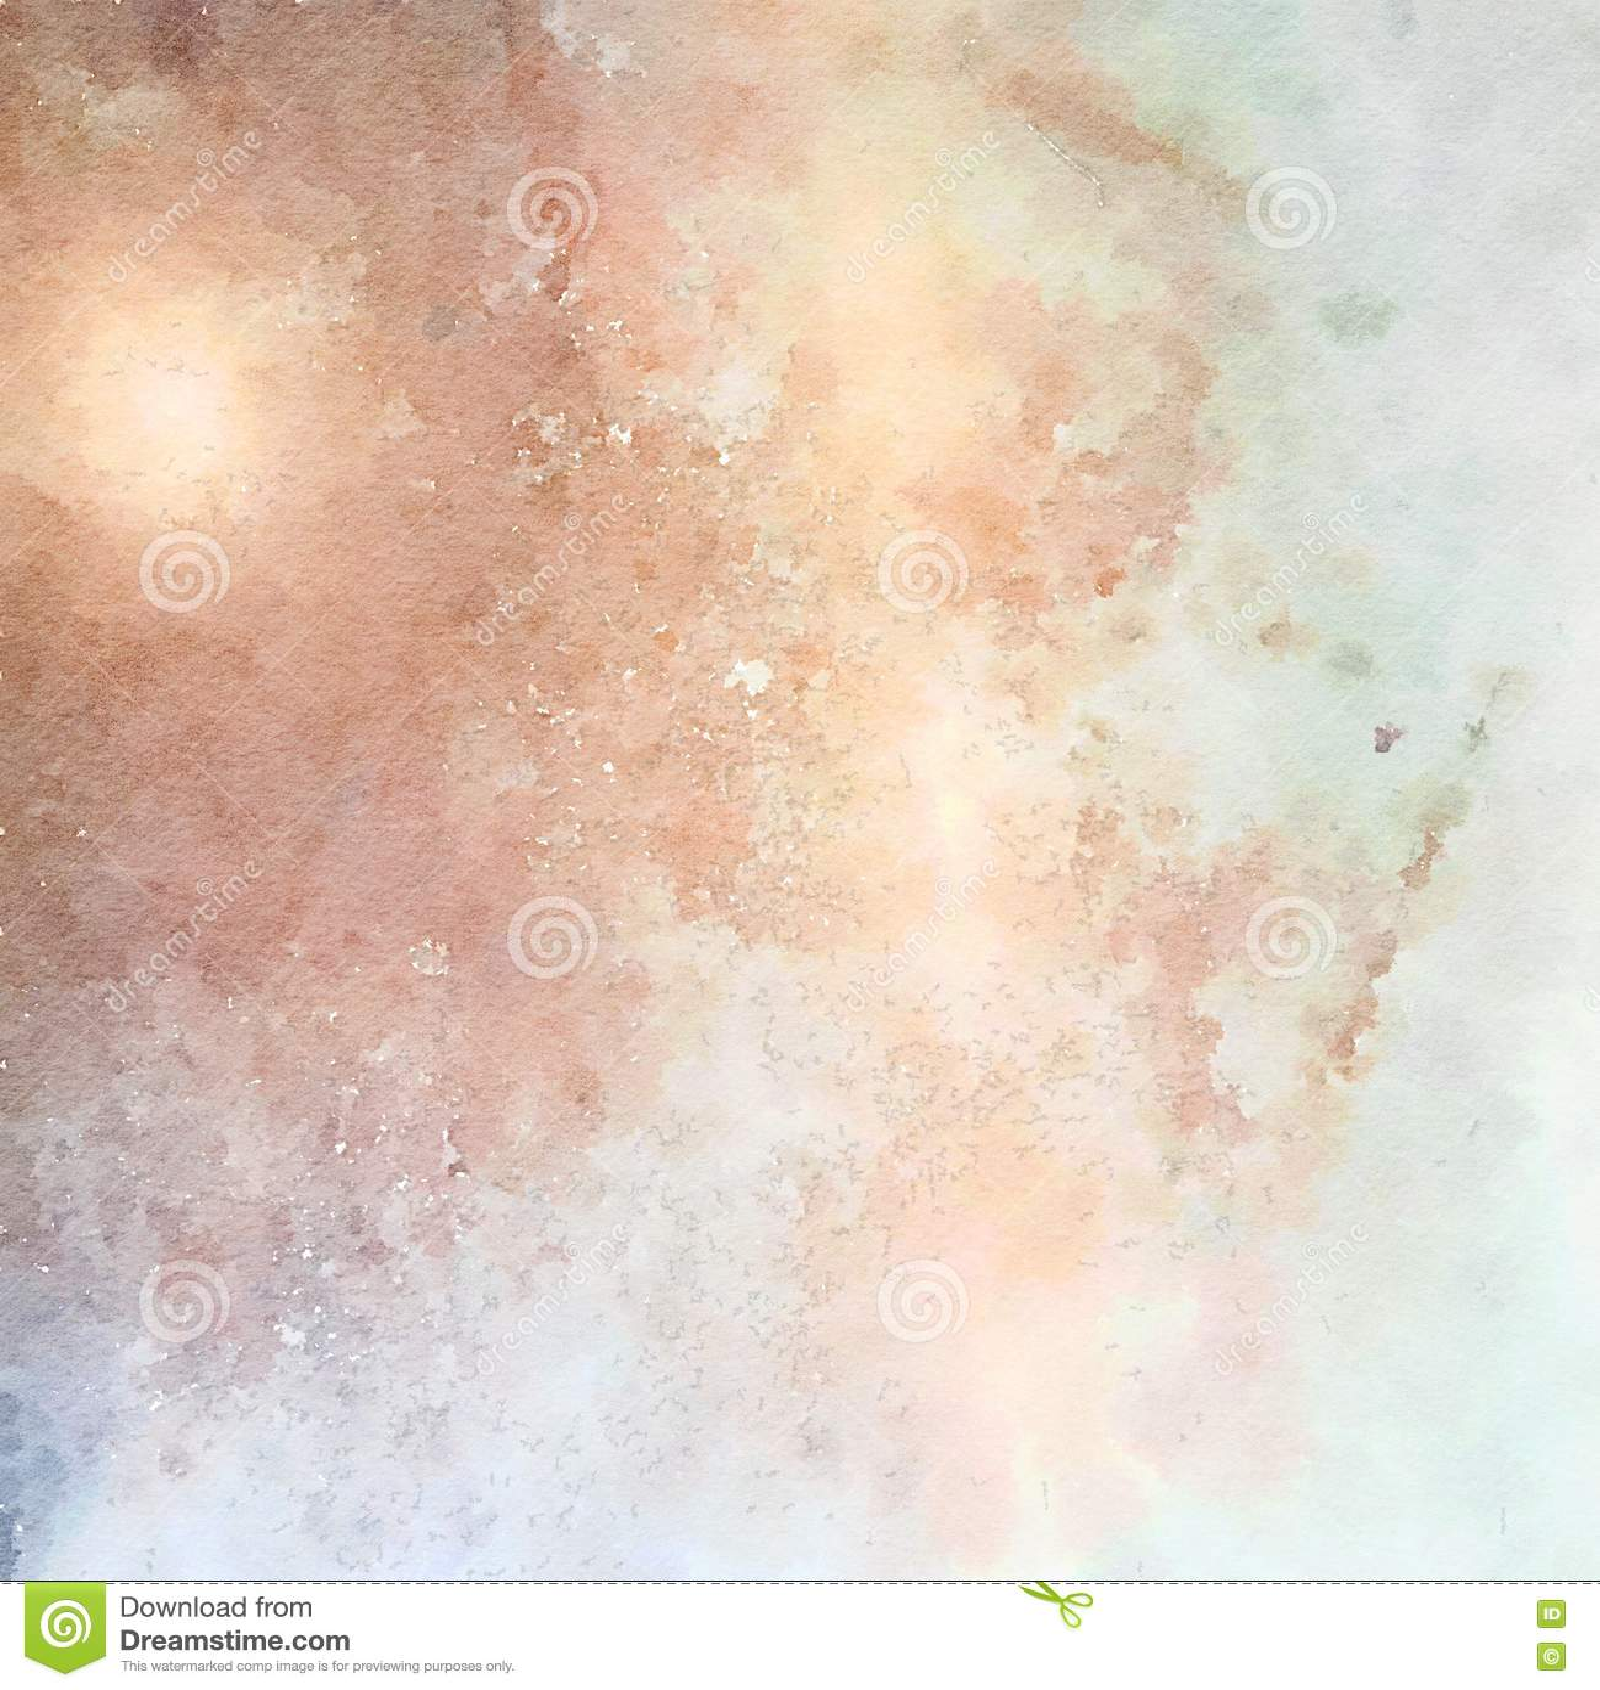 Fondo abstracto sucio en colores pastel suave de la acuarela en azul y marrón